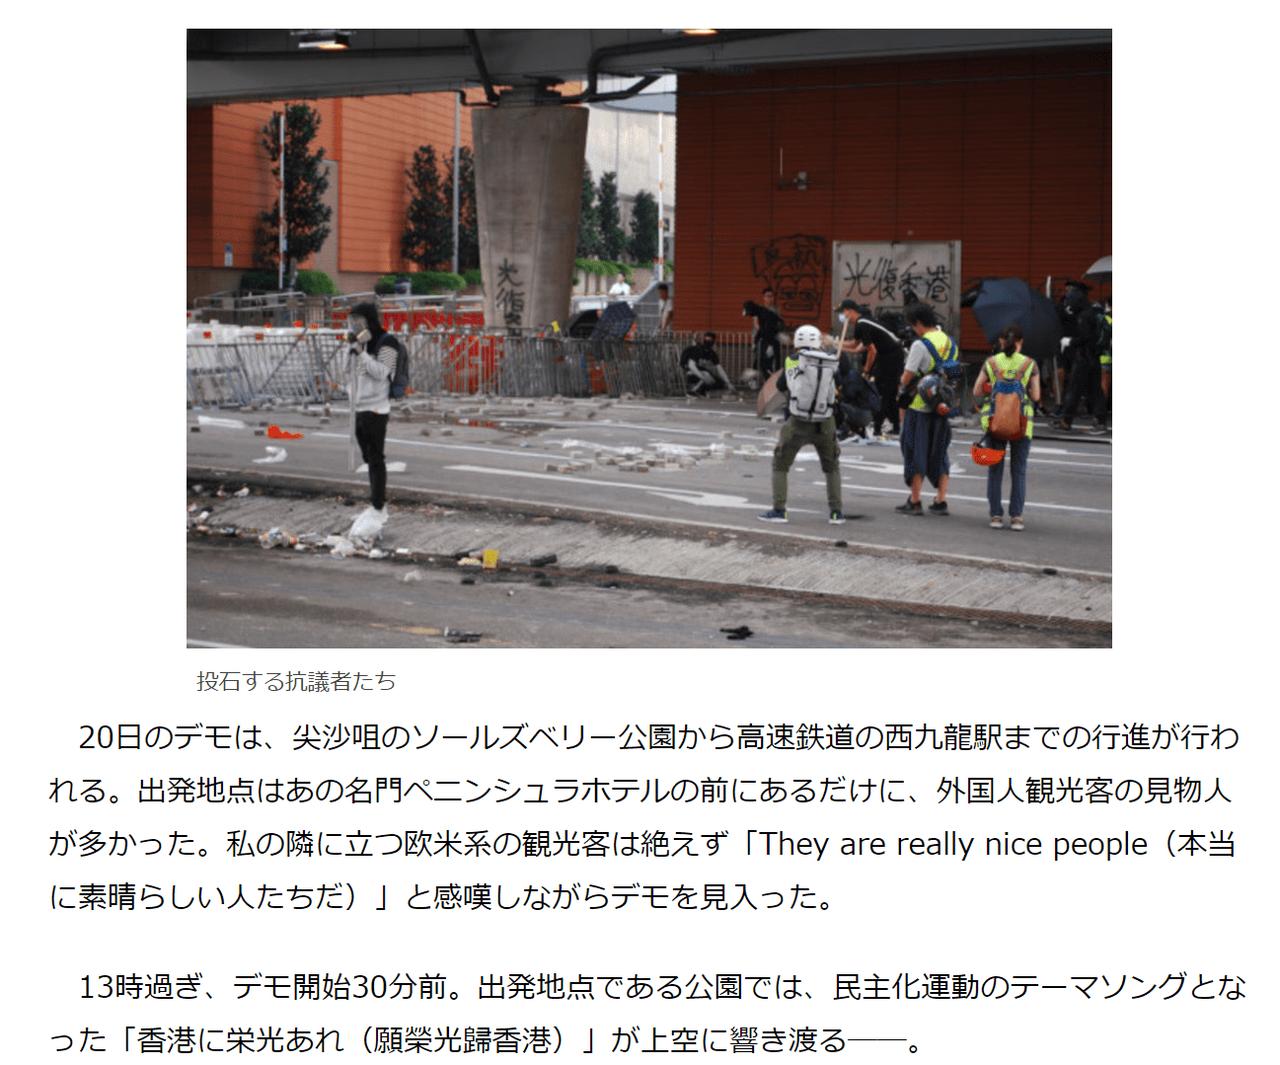 香港デモは暴徒の集まりなのか?現場取材で分かったこと4